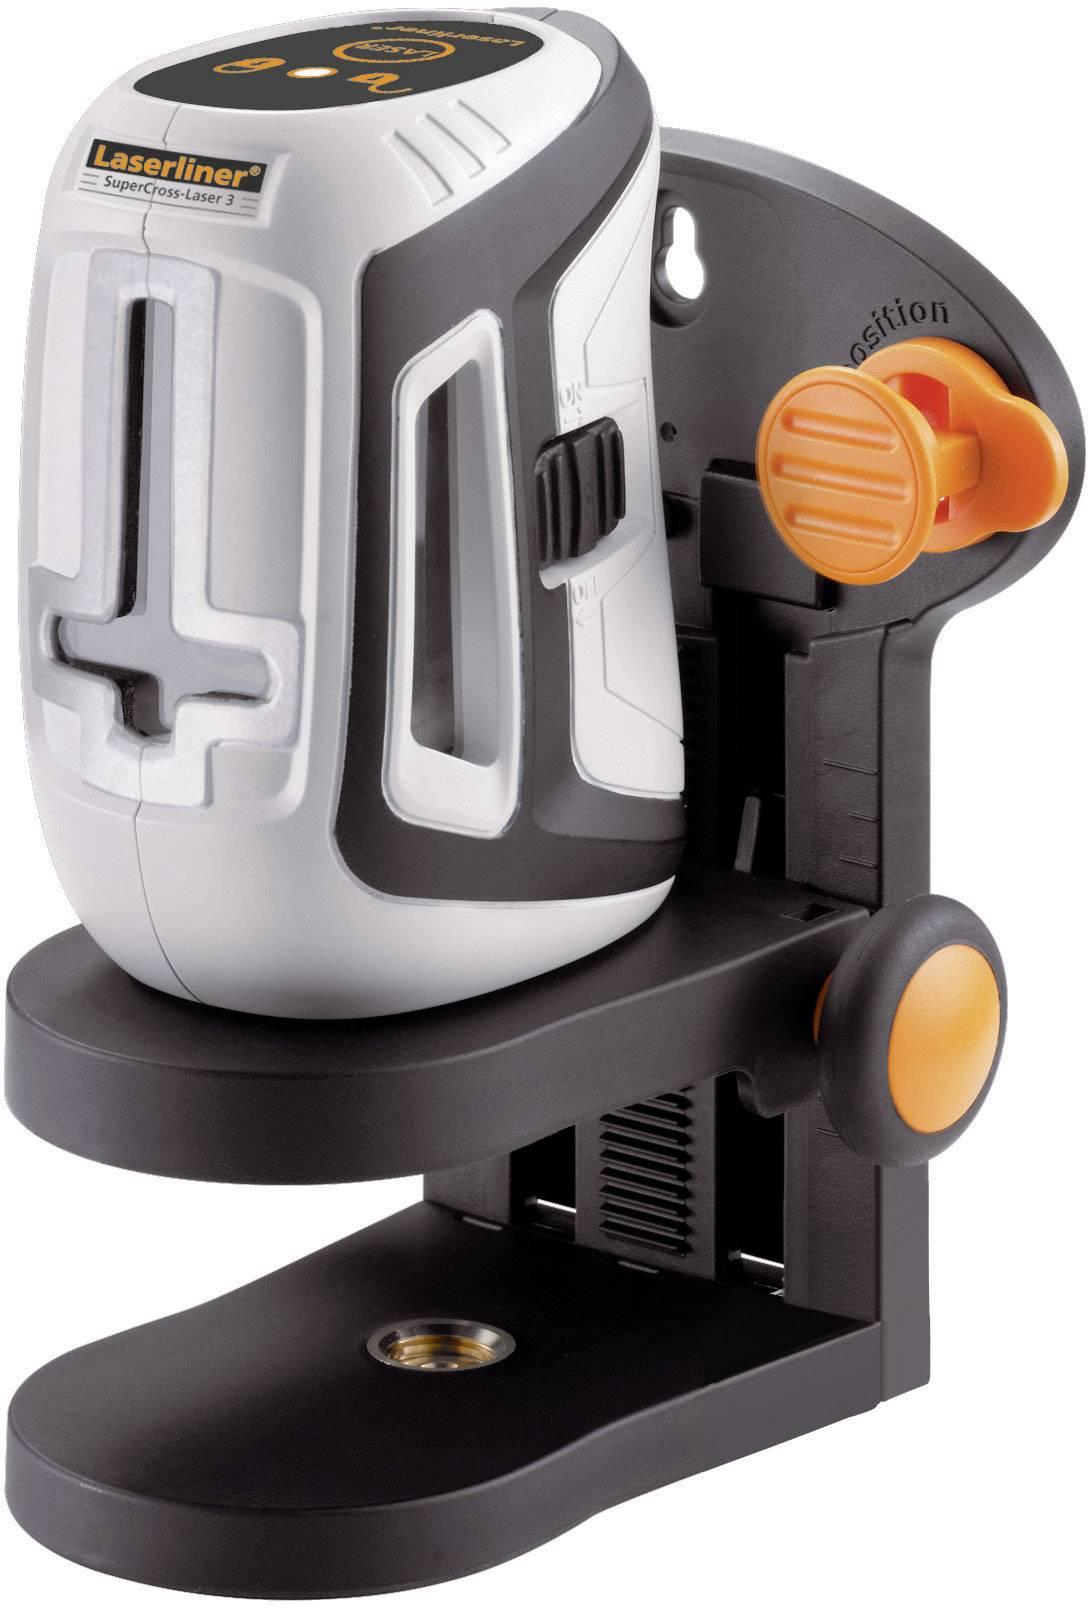 Křížový laser SuperCross-Laser 3 Laserliner 081.140A, kalibrováno dle ISO